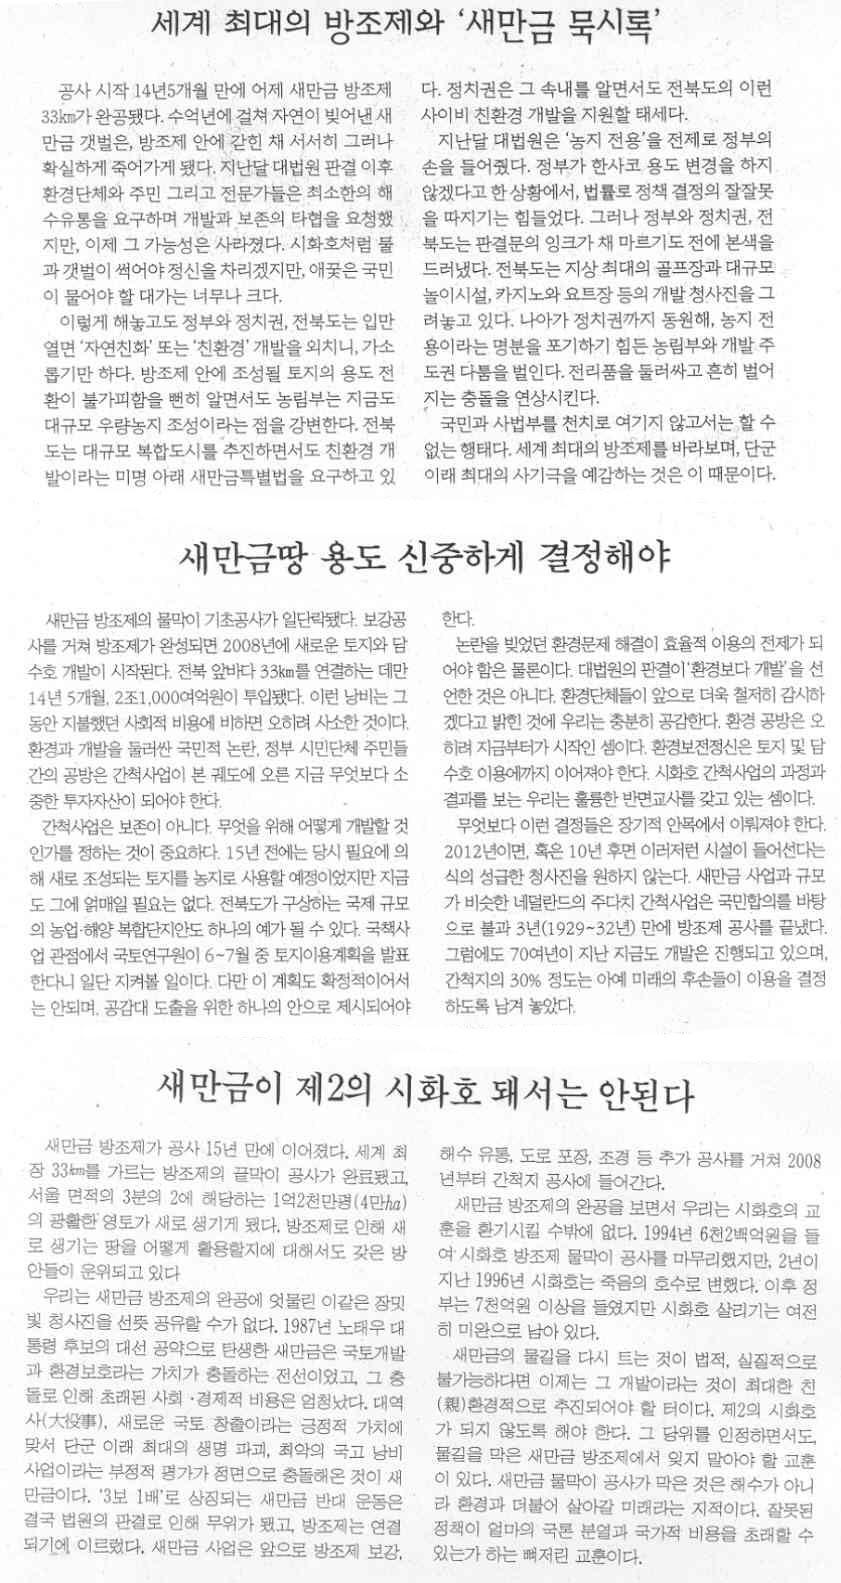 2006. 04. 22. 한겨레 19, 한국 27, 경향 23